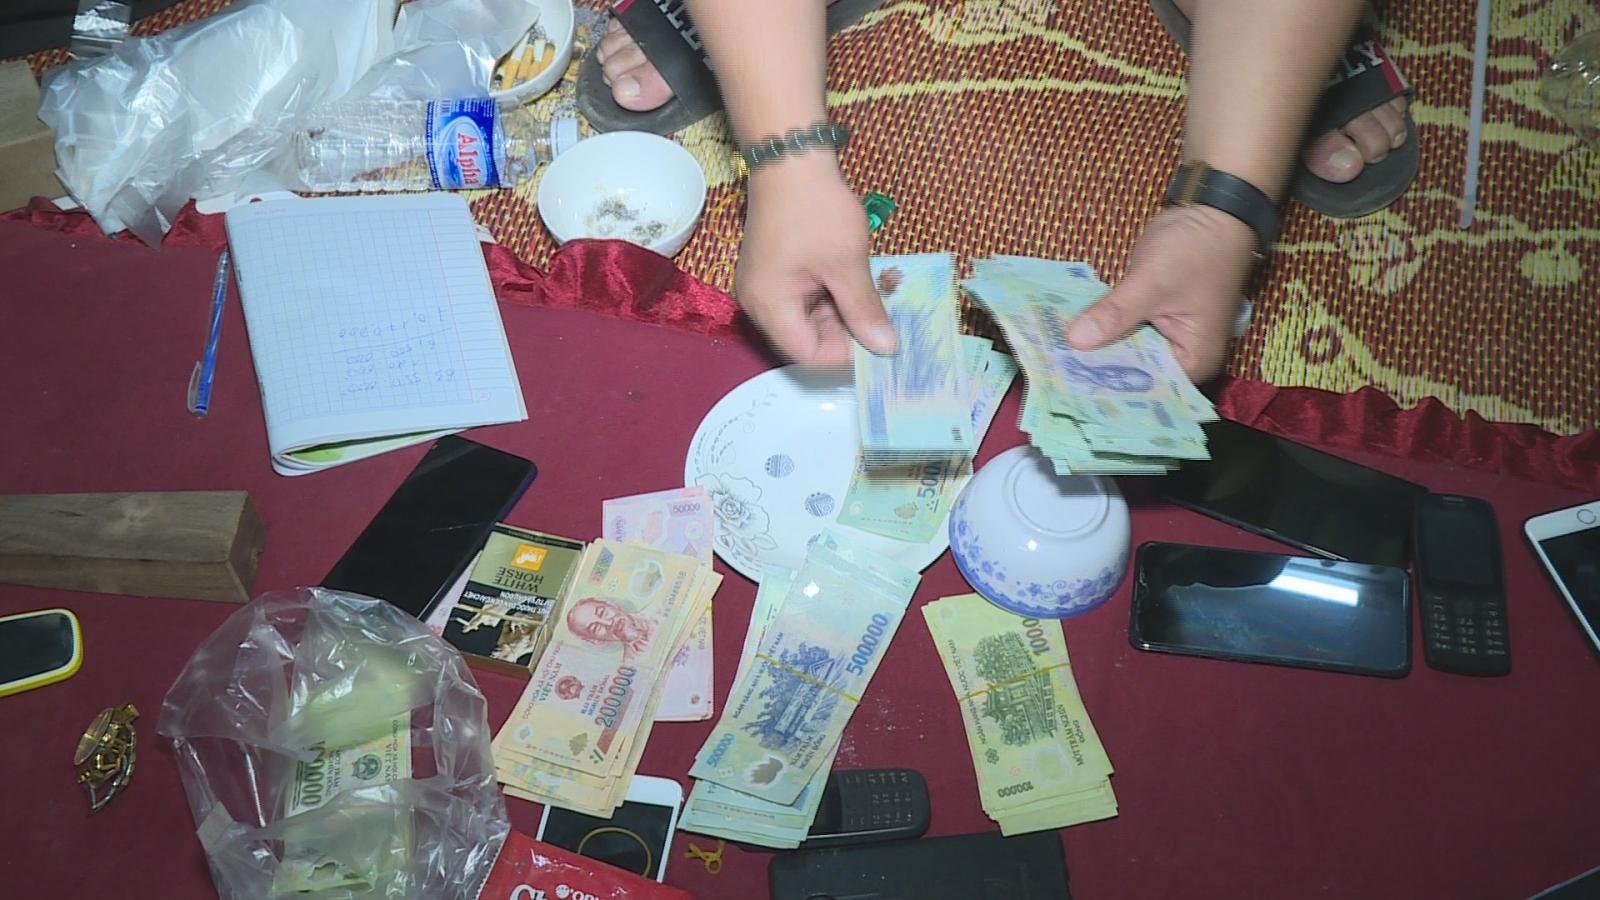 Tạm giữ hình sự hàng chục đối tượng để điều tra về hành vi đánh bạc tại Đắk Lắk